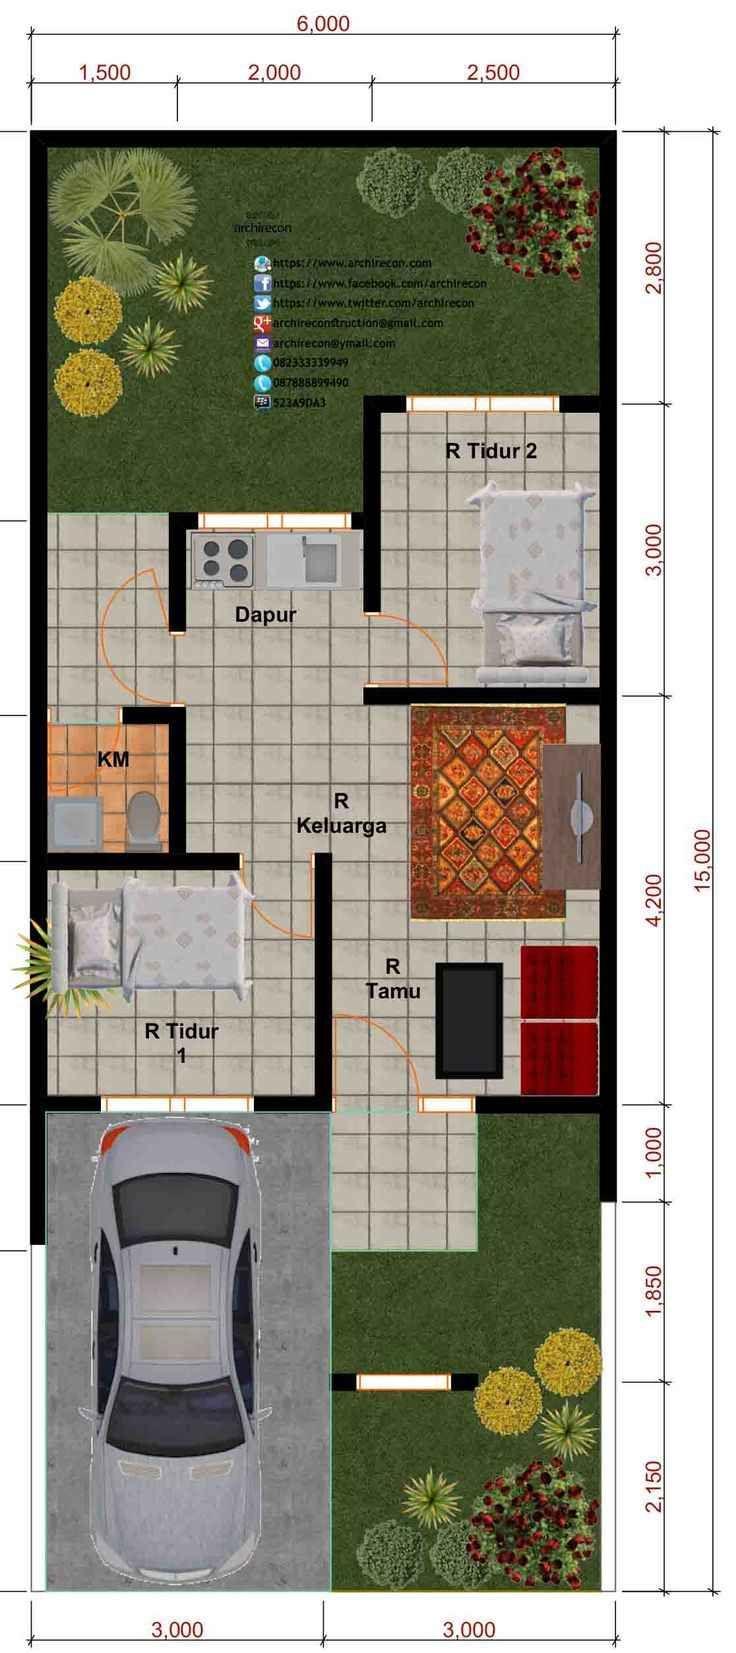 100 Contoh Gambar Unik Rumah Minimalis 2 Lantai Modern Type 36 Desainrumahminimalistampakdepan Desainrumahminimalisk Rumah Minimalis Rumah Tata Letak Rumah Denah rumah type 36